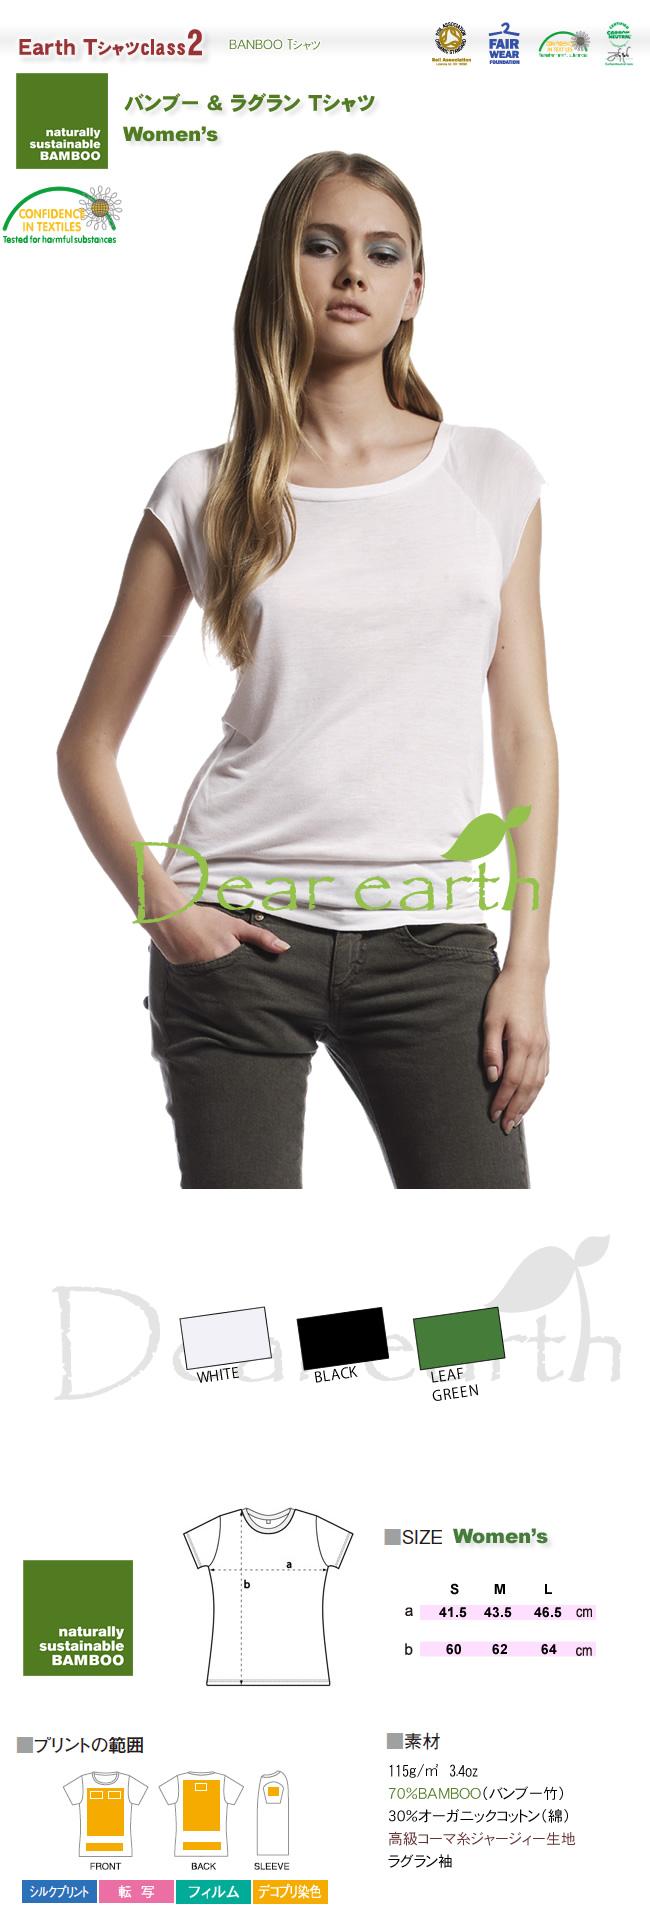 バンブー素材WOMEN'SラグランTシャツclass2(EC43)